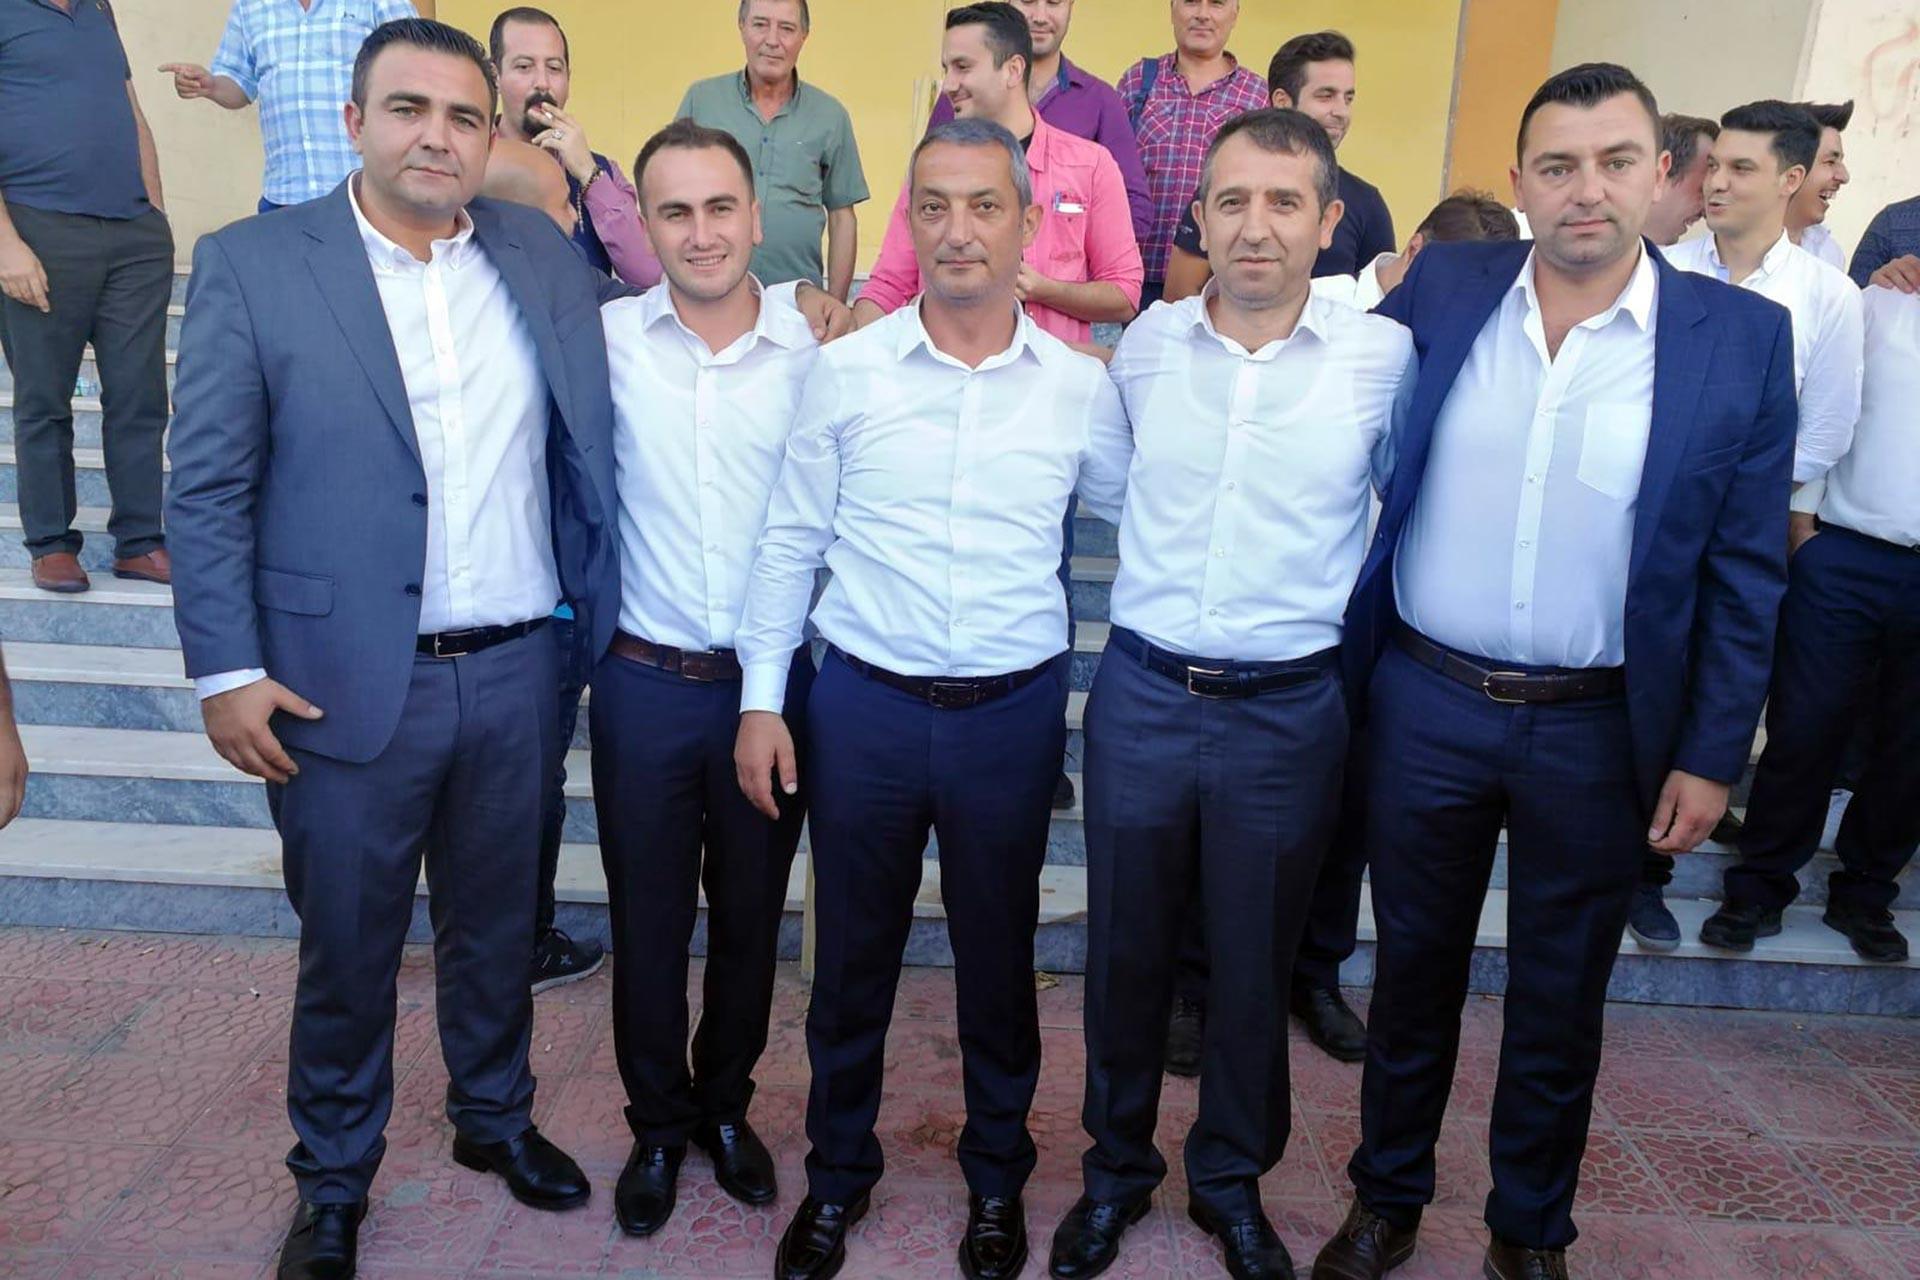 Demiryol-İş İzmir Şubesi yeni yönetimini seçti